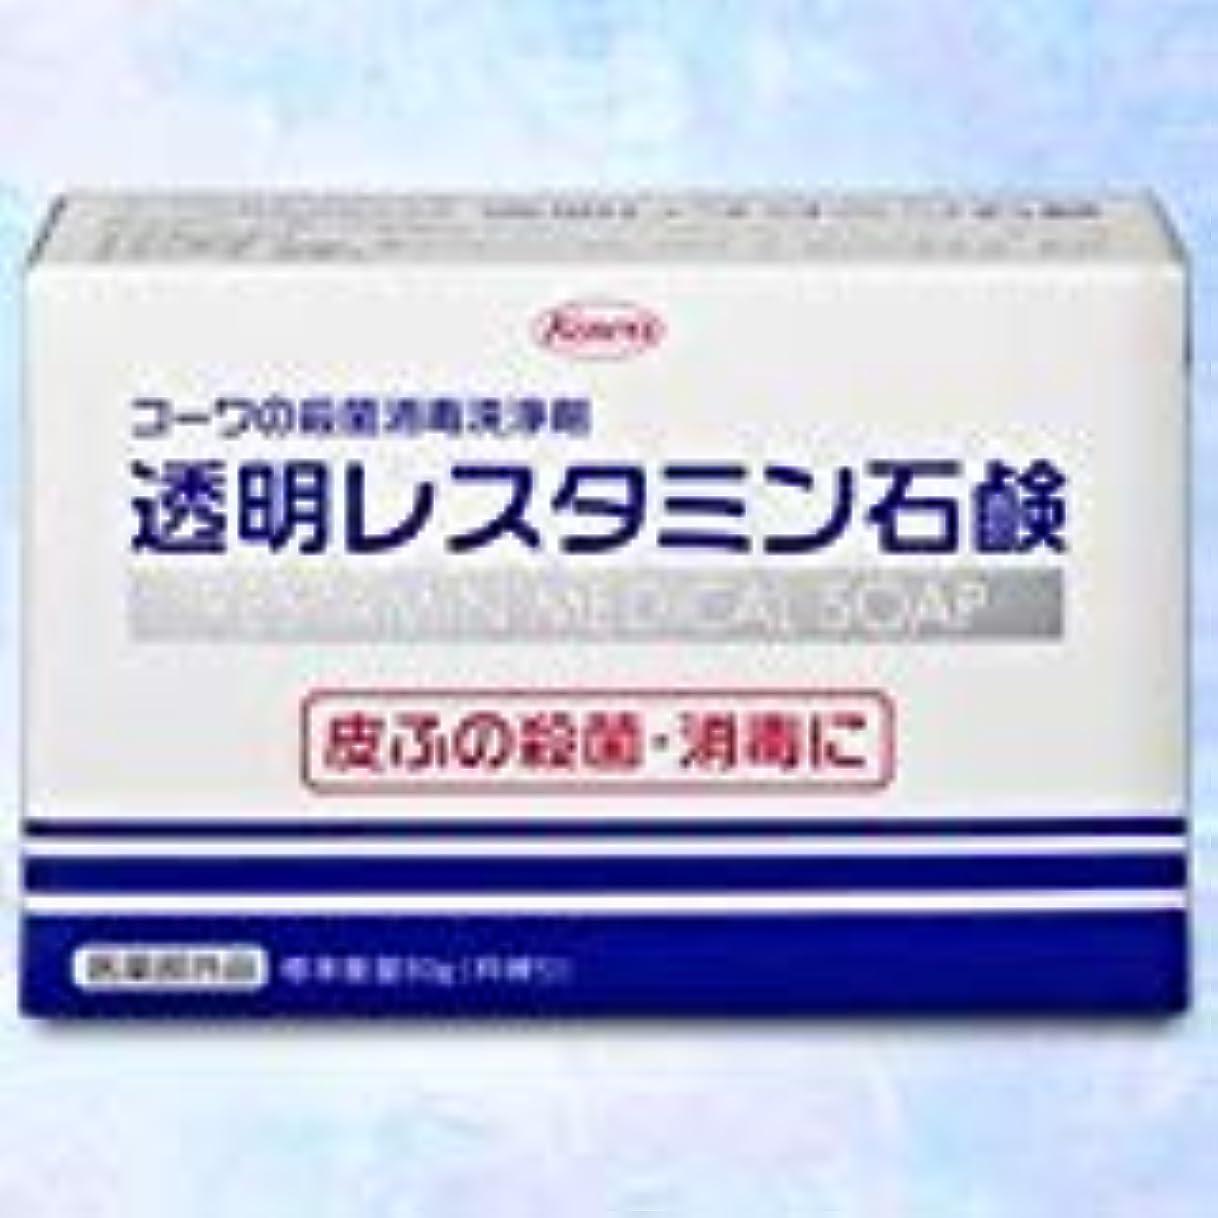 爆発多様な心配【興和】コーワの殺菌消毒洗浄剤「透明レスタミン石鹸」80g(医薬部外品) ×5個セット